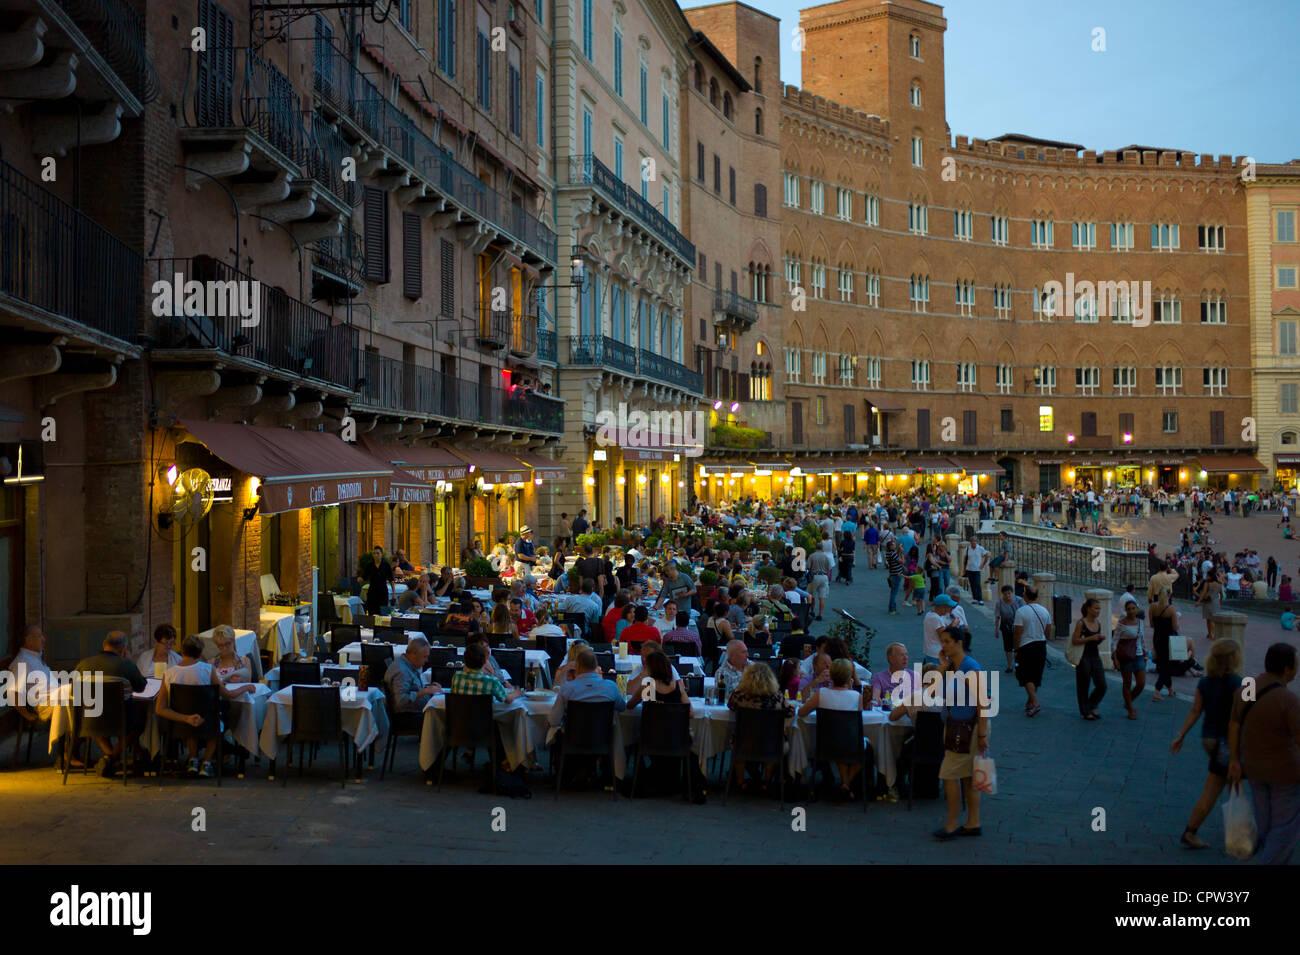 Diners mangiare al fresco presso la Nannini bar e ristorante in Piazza del Campo a Siena, Italia Immagini Stock